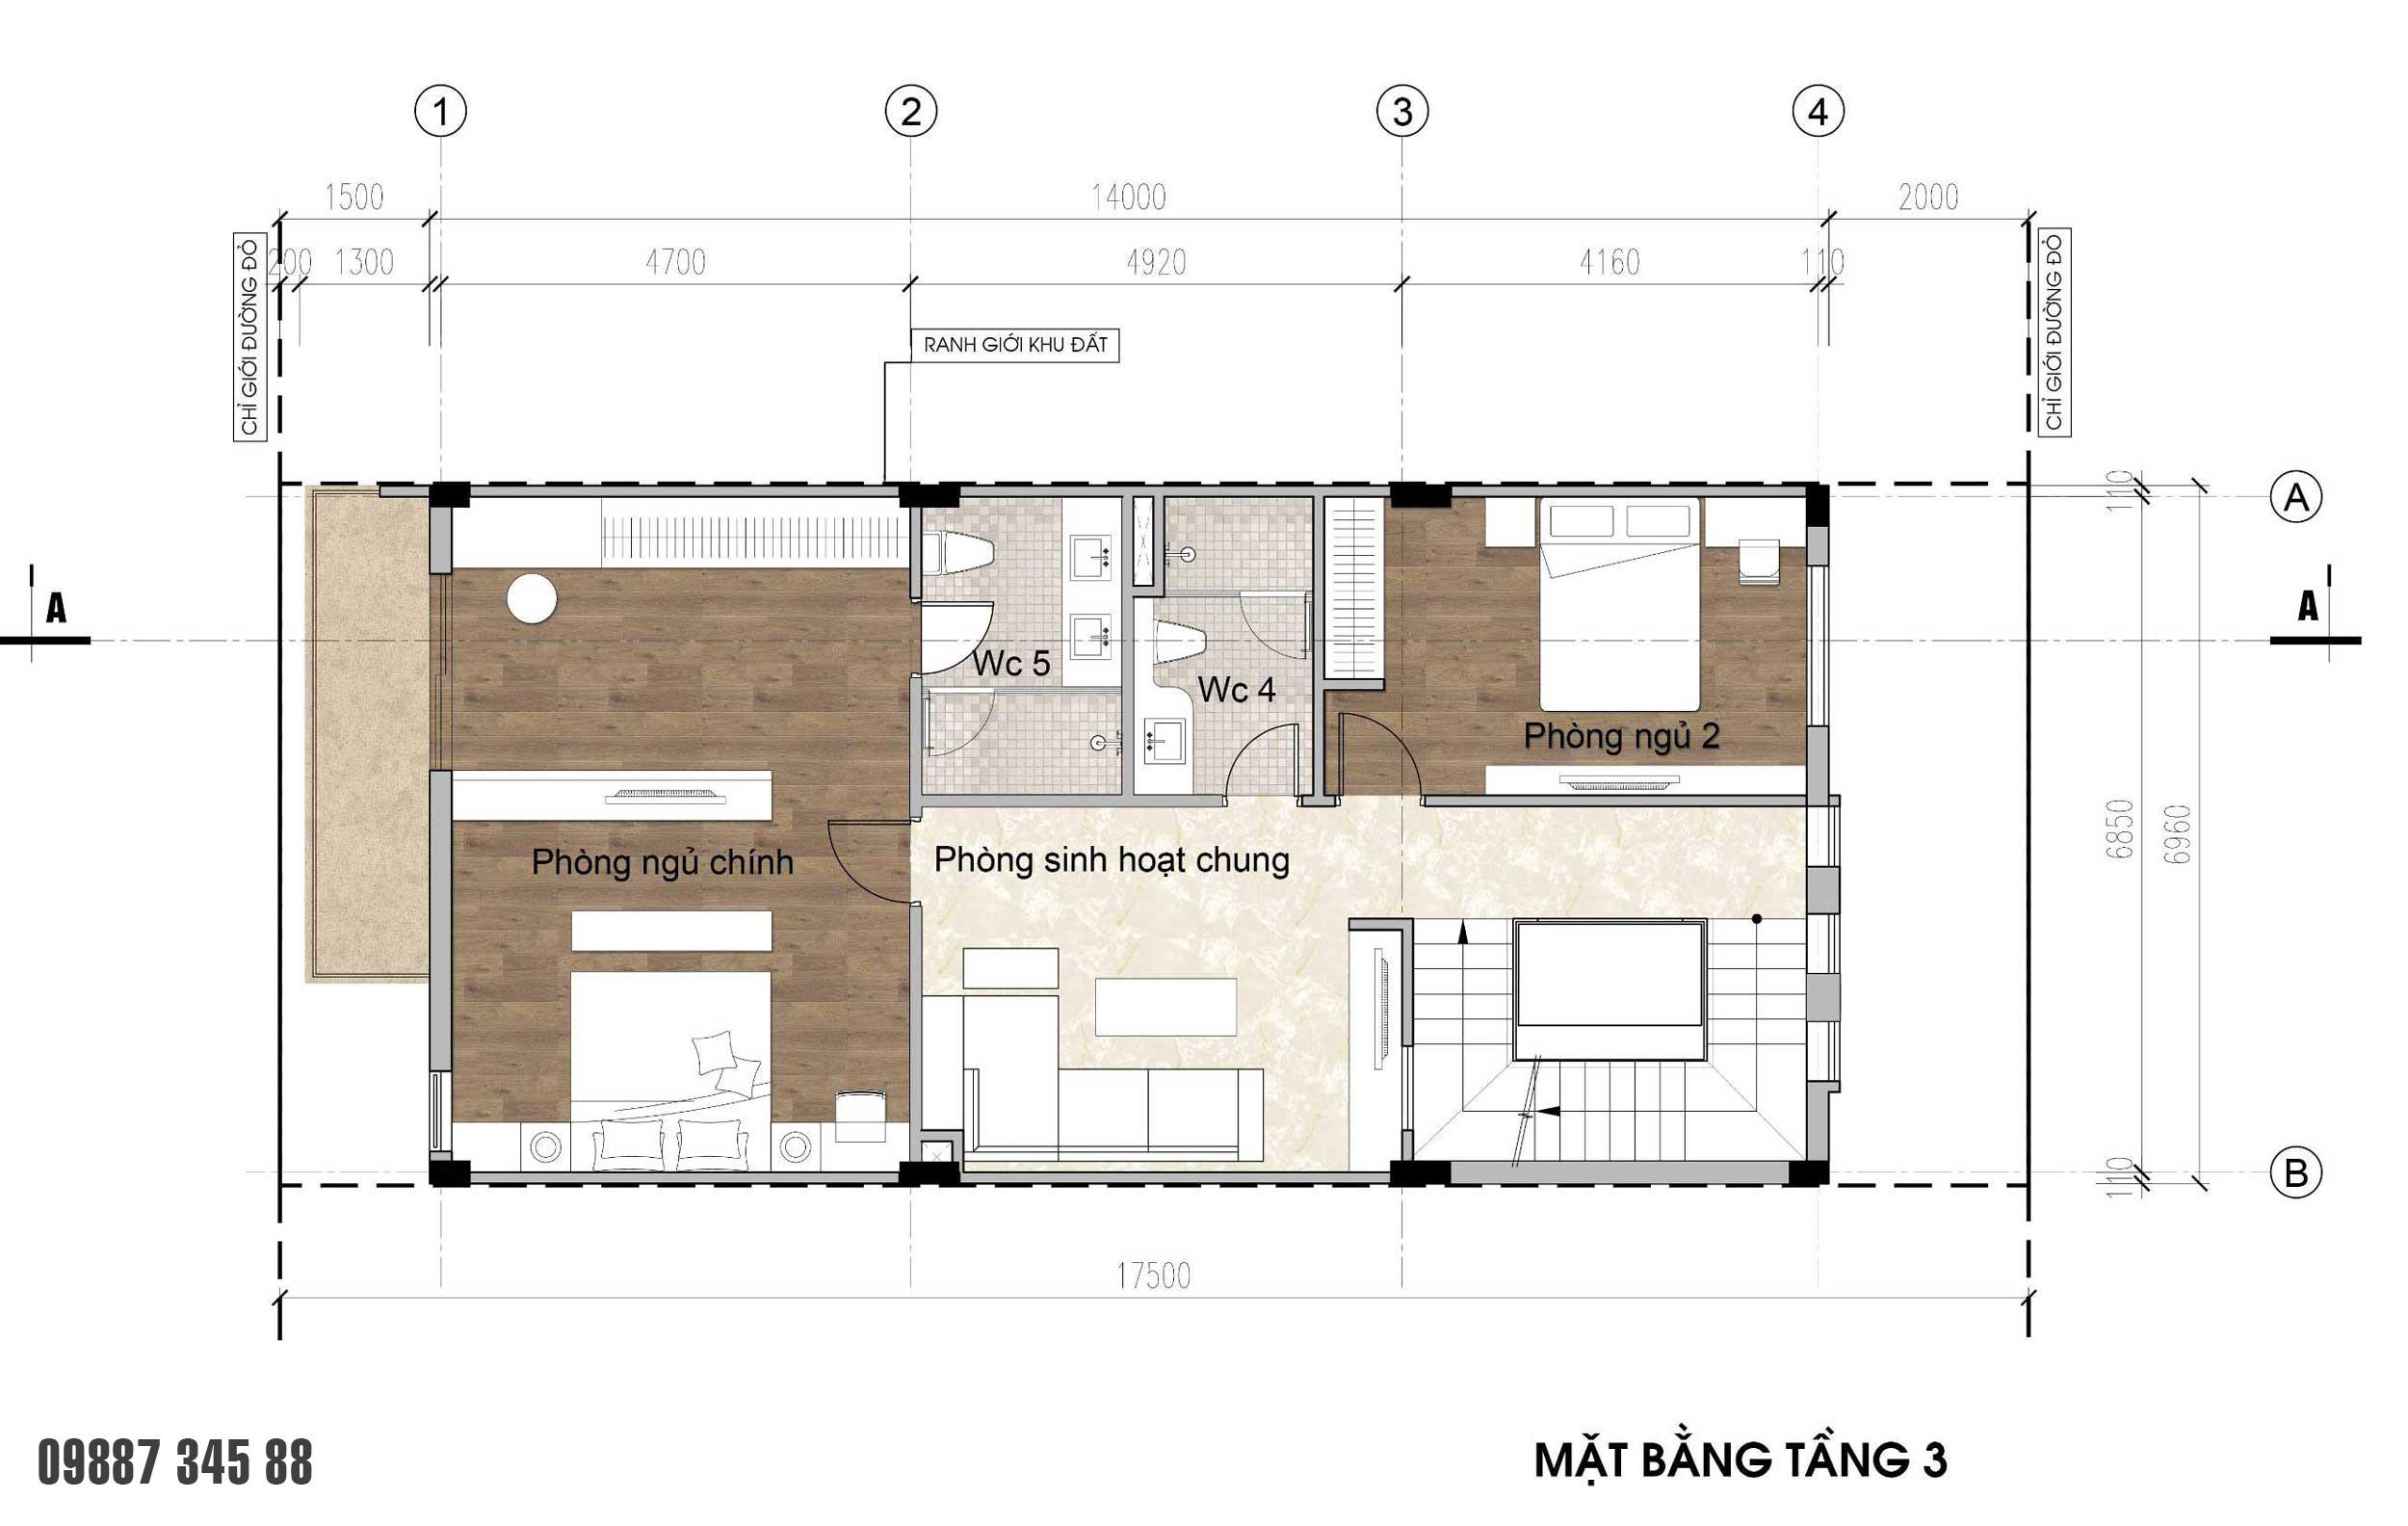 Mặt bằng tầng 3 - nhà phố Thủy Trúc(7x17,5m)